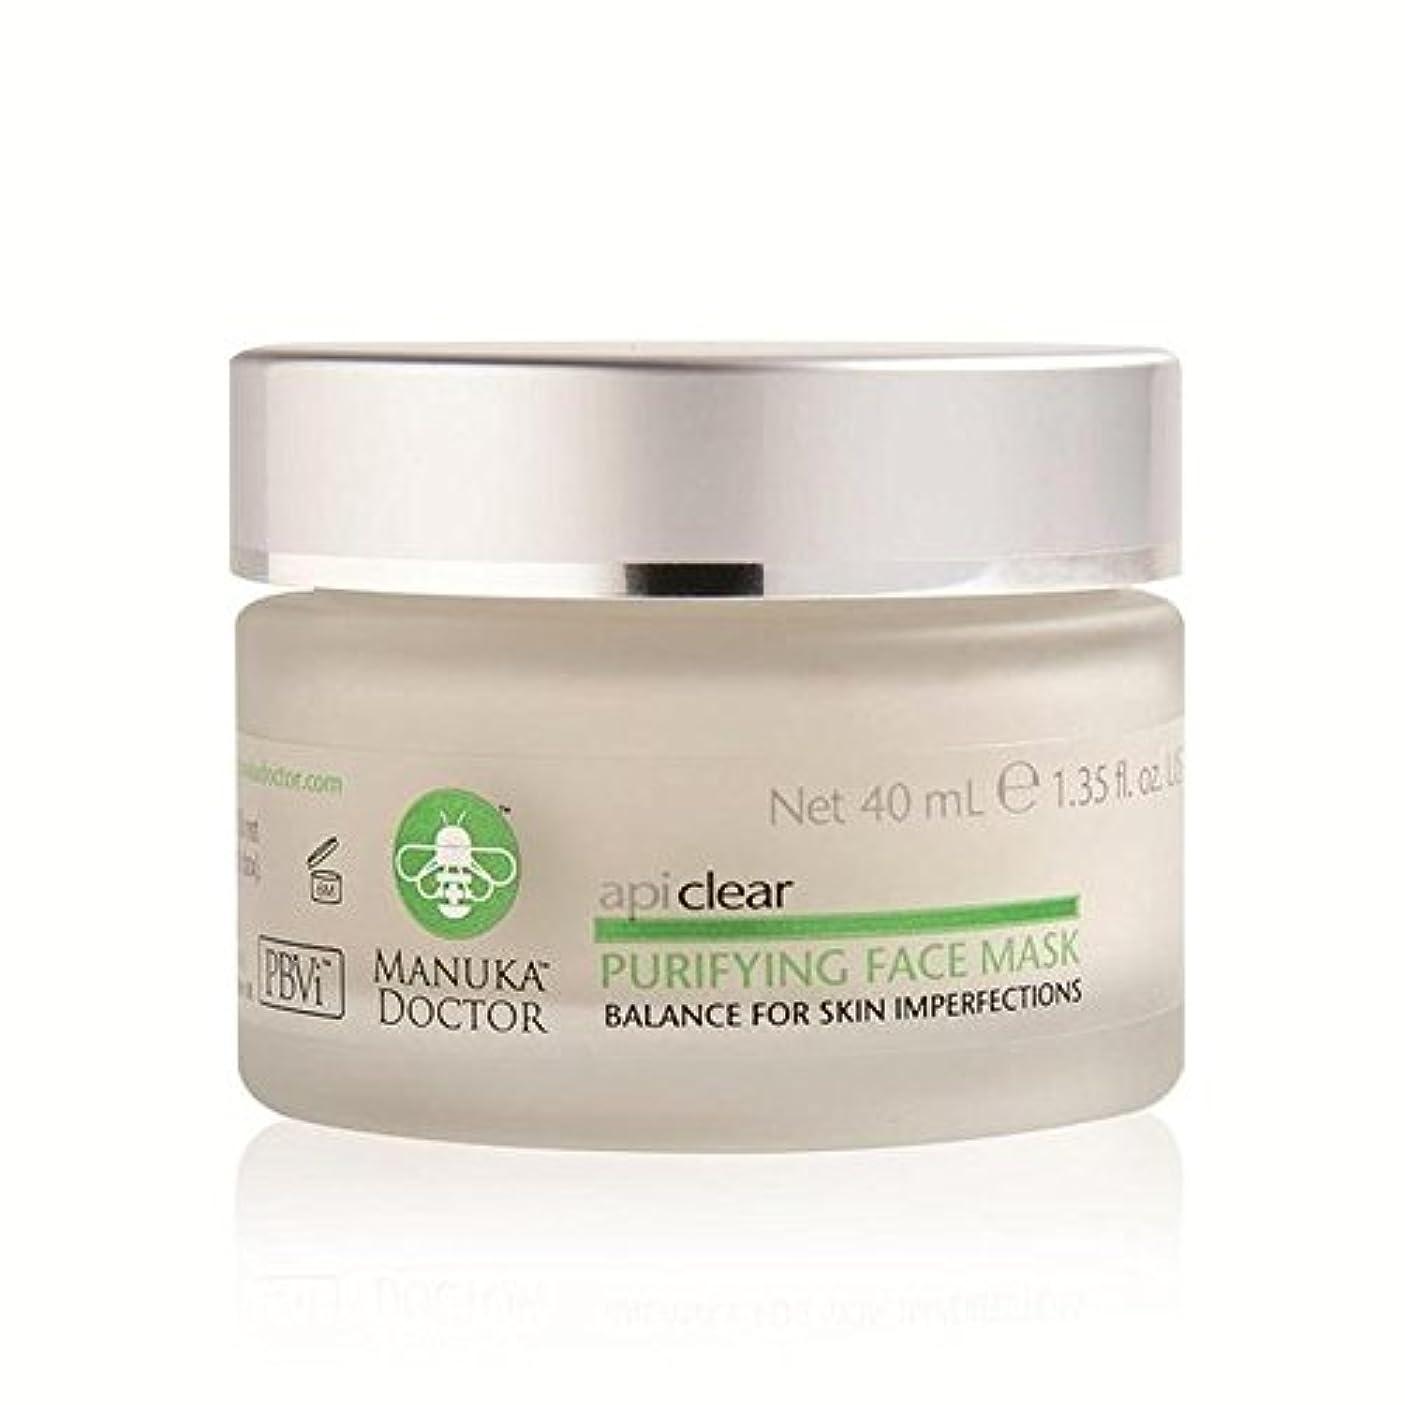 問い合わせる重々しい指標Manuka Doctor Api Clear Purifying Face Mask 40ml (Pack of 6) - マヌカドクター明確な浄化フェイスマスク40ミリリットル x6 [並行輸入品]